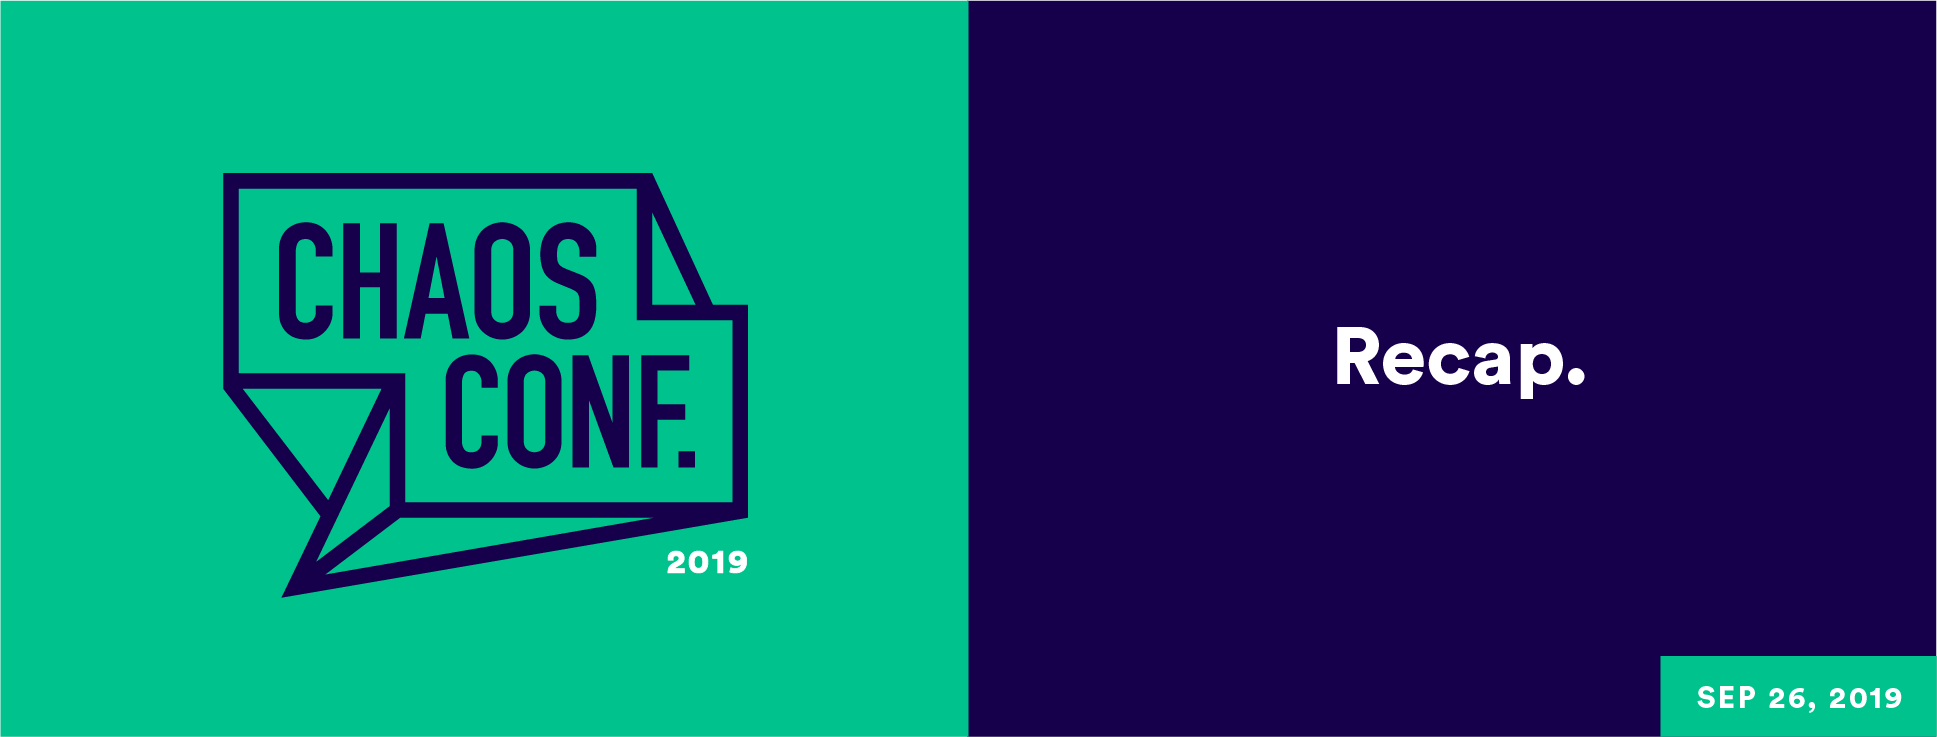 Chaos Conf 2019 Recap